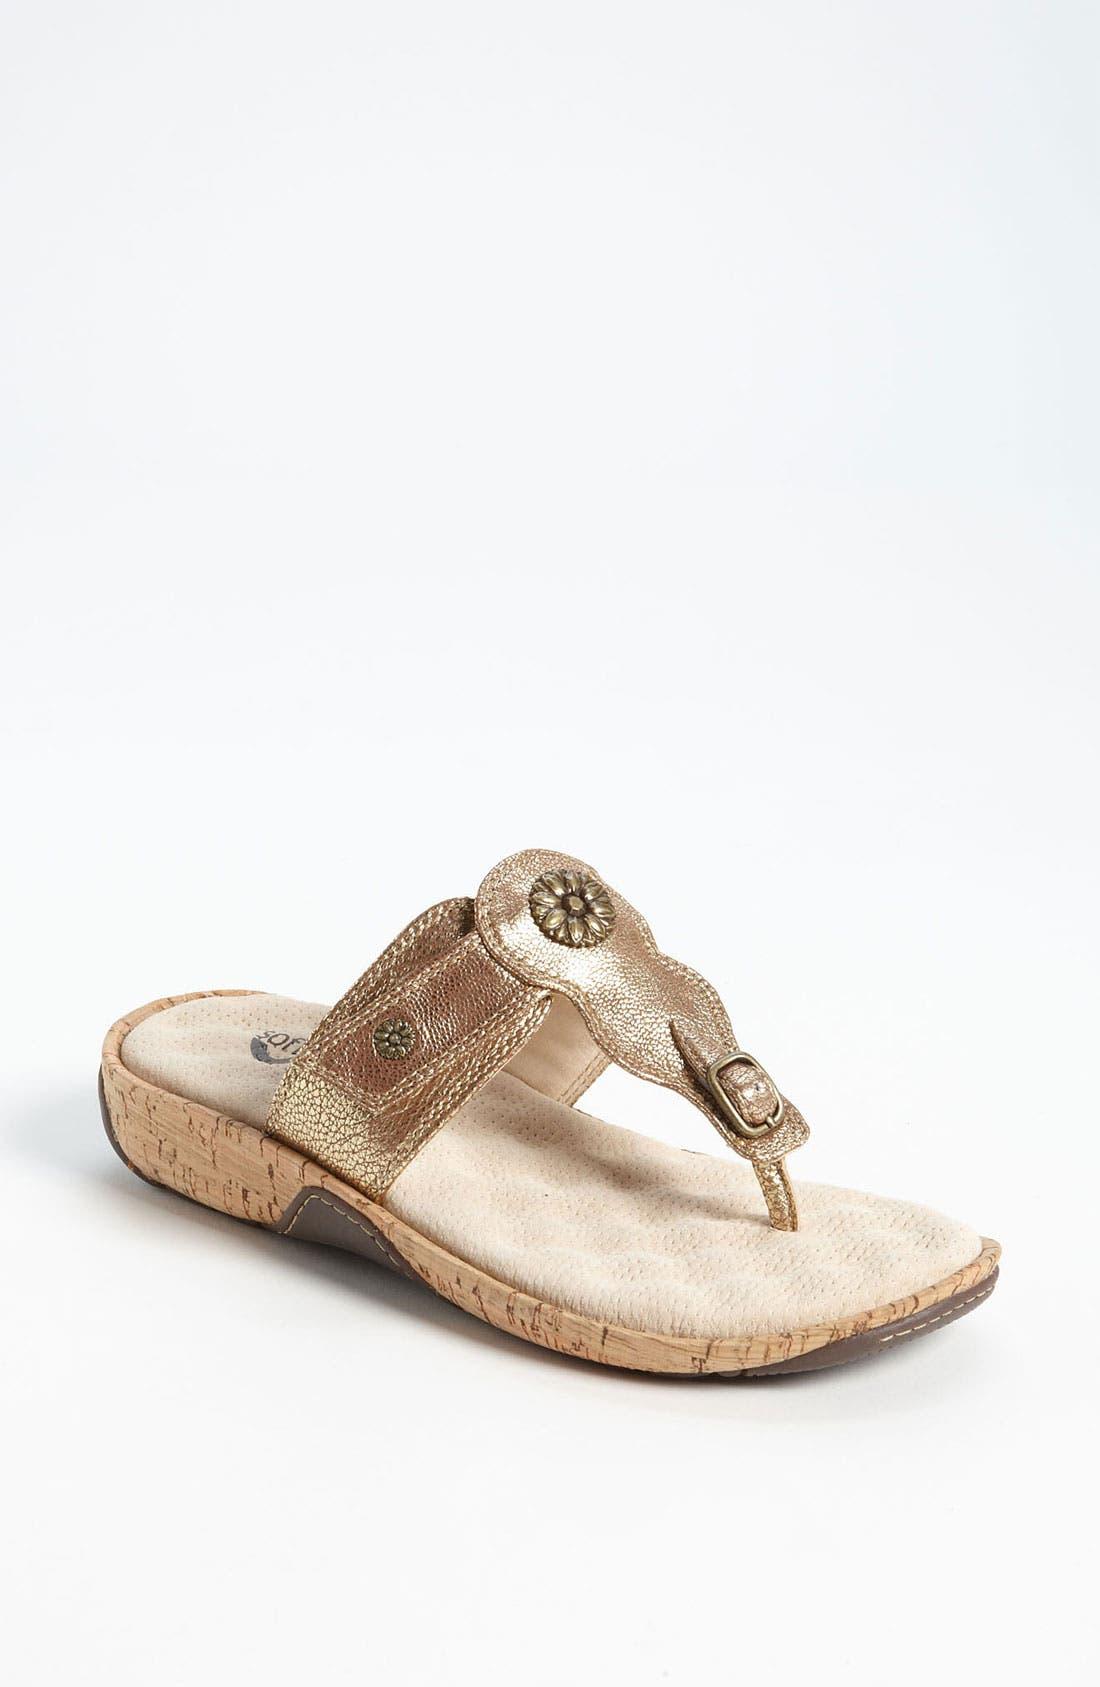 Alternate Image 1 Selected - SoftWalk® 'Boulder' Sandal